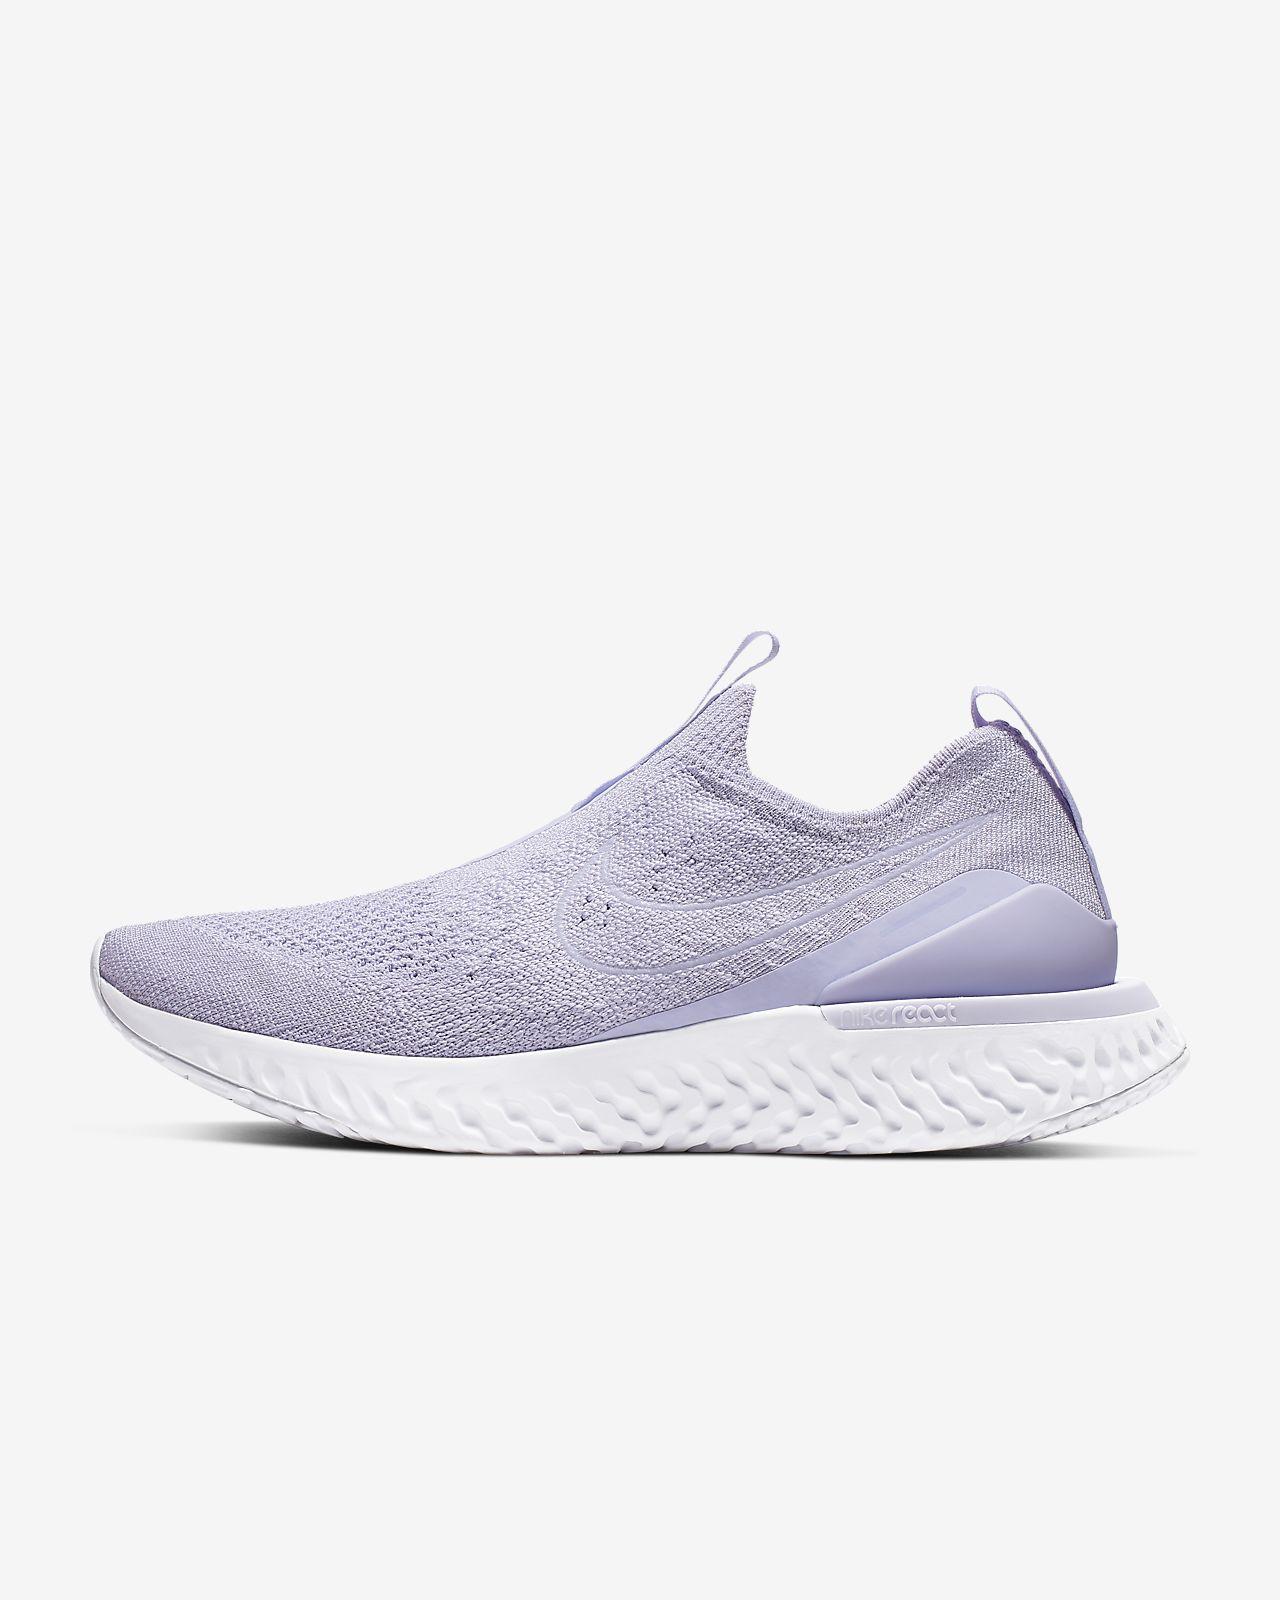 Γυναικείο παπούτσι για τρέξιμο Nike Epic Phantom React Flyknit